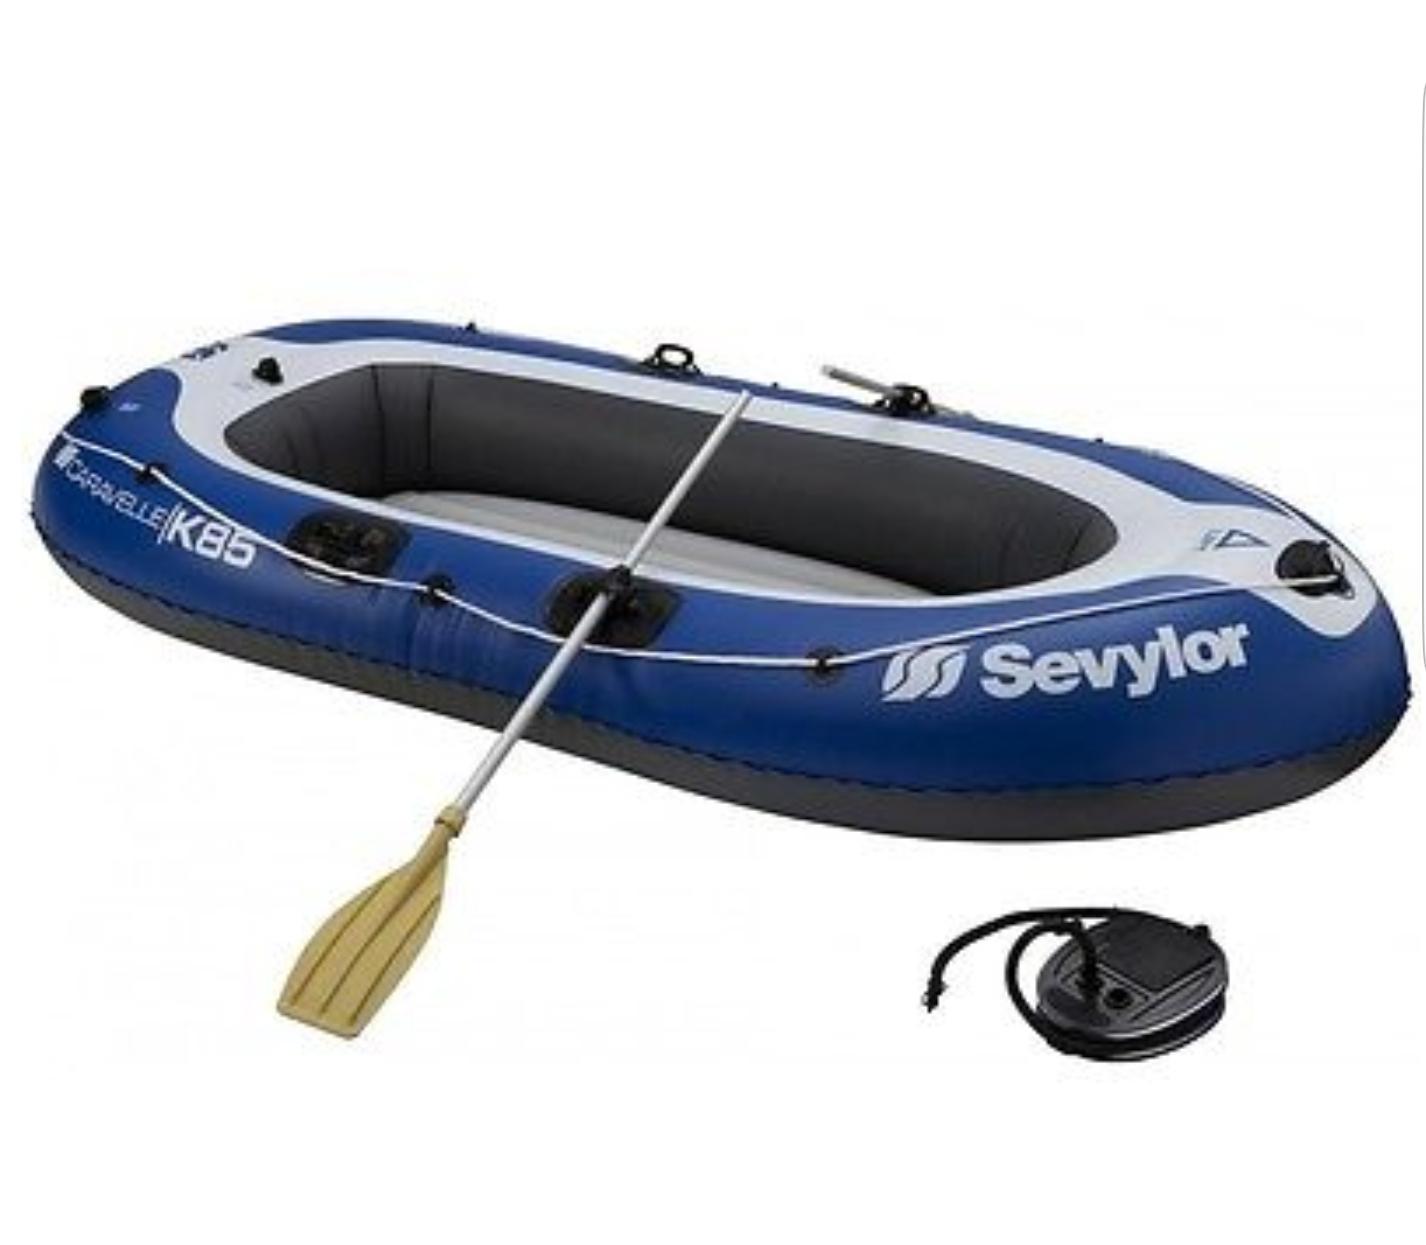 [eBay] Sevylor CARAVELLE KK85 SPORT - Schlauchboot für 3 Personen